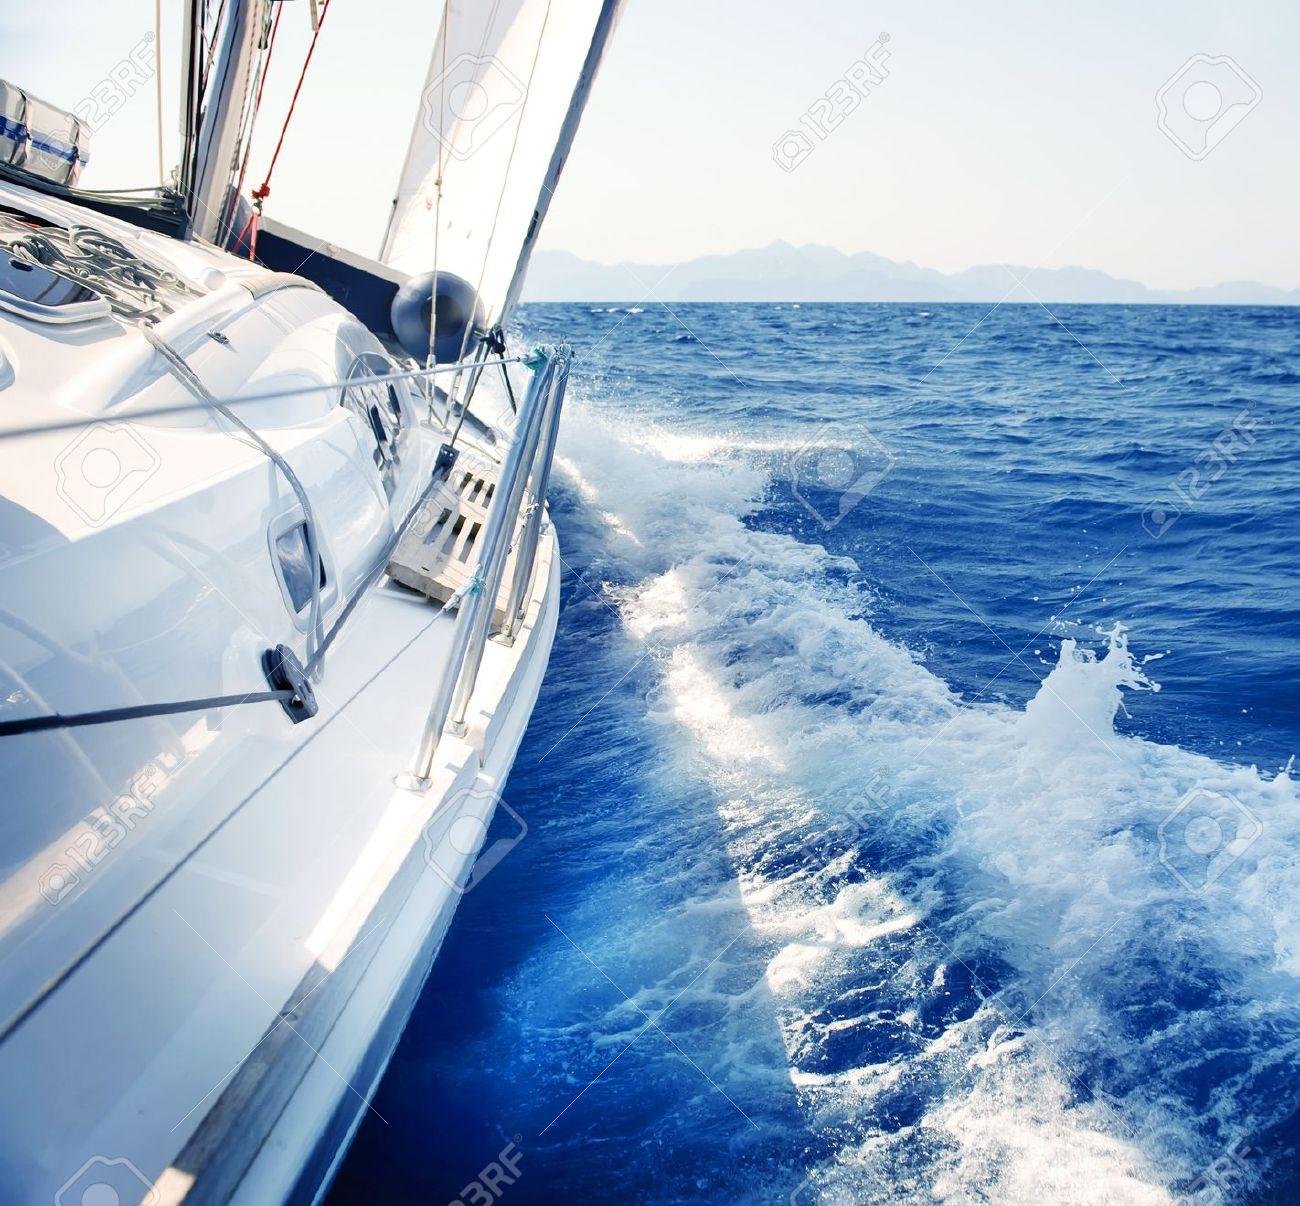 00da48fa1403 Stock Photo - Yacht Sailing Yachting Tourism Luxury Lifestyle